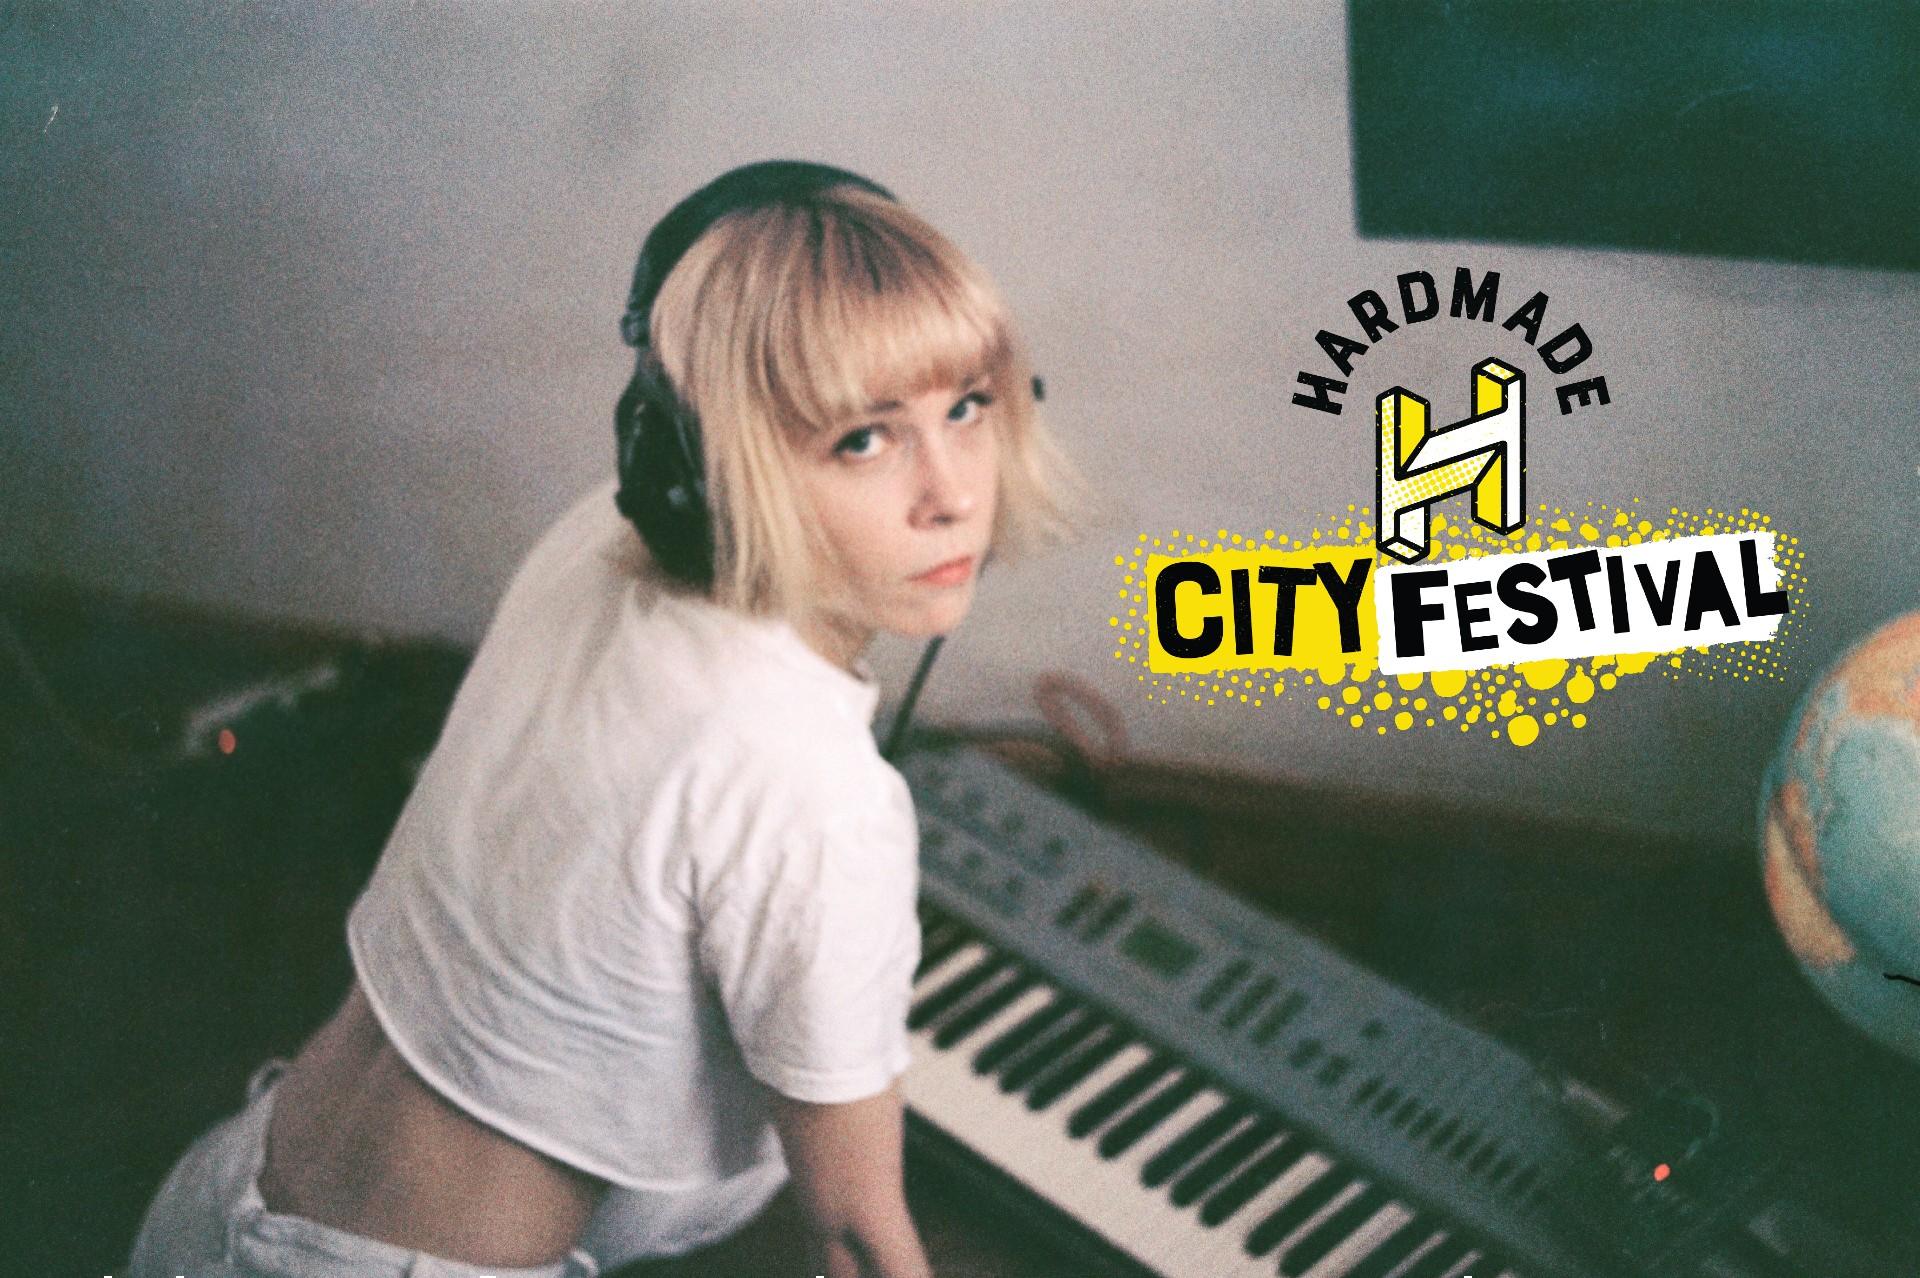 Tojuż ostatnia edycja Hardmade City Festival. Mnóstwo muzyki iinnych atrakcji wpoznańskim Nurcie